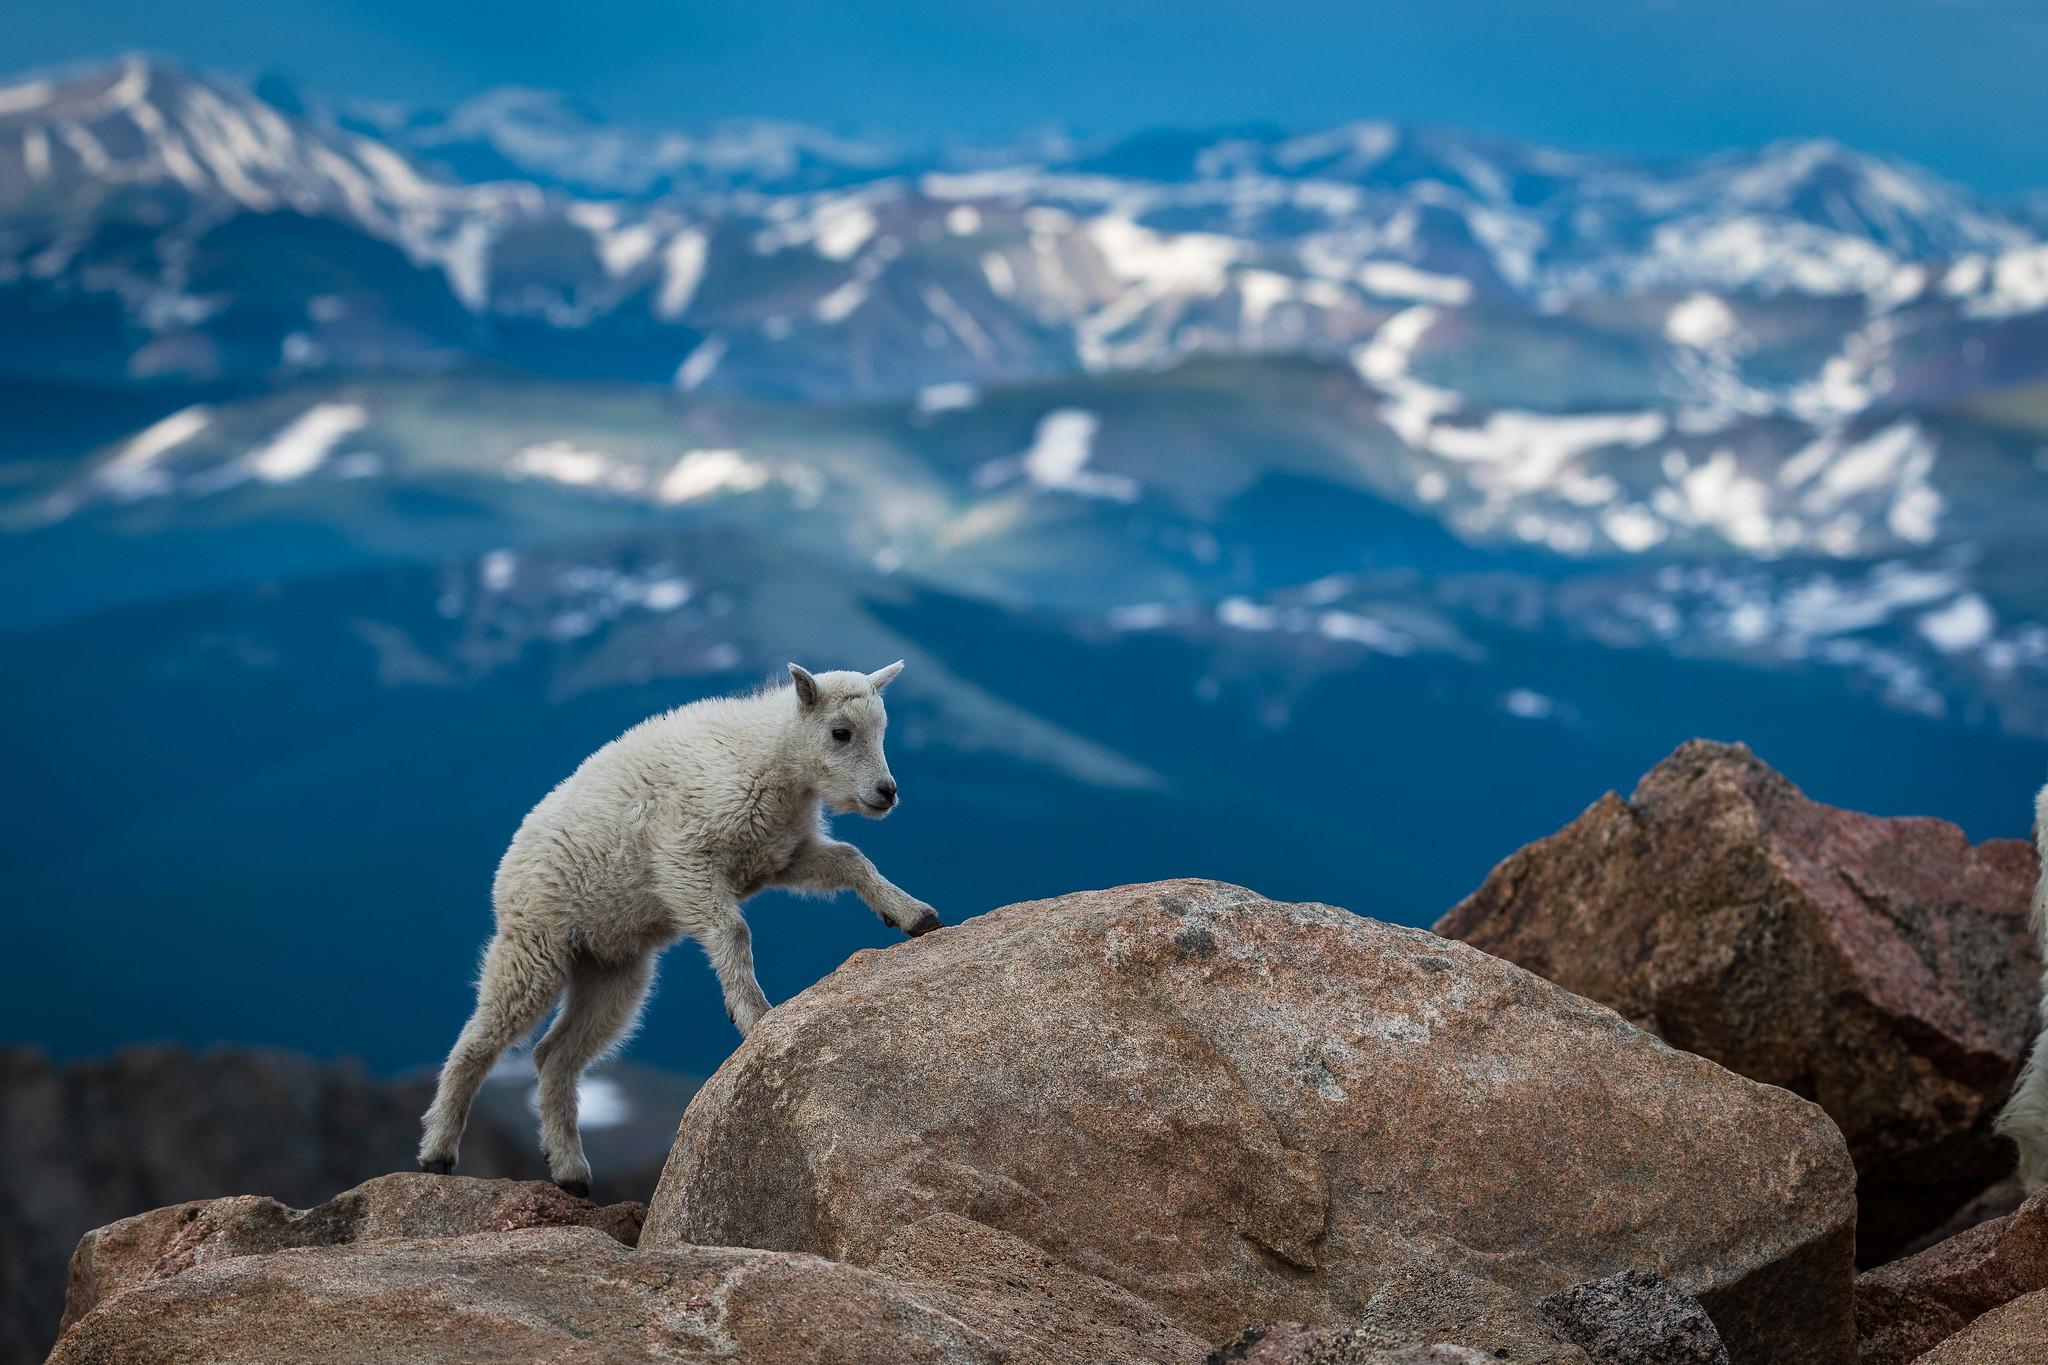 Альпы: лучшие природные парки для отдыха в горах